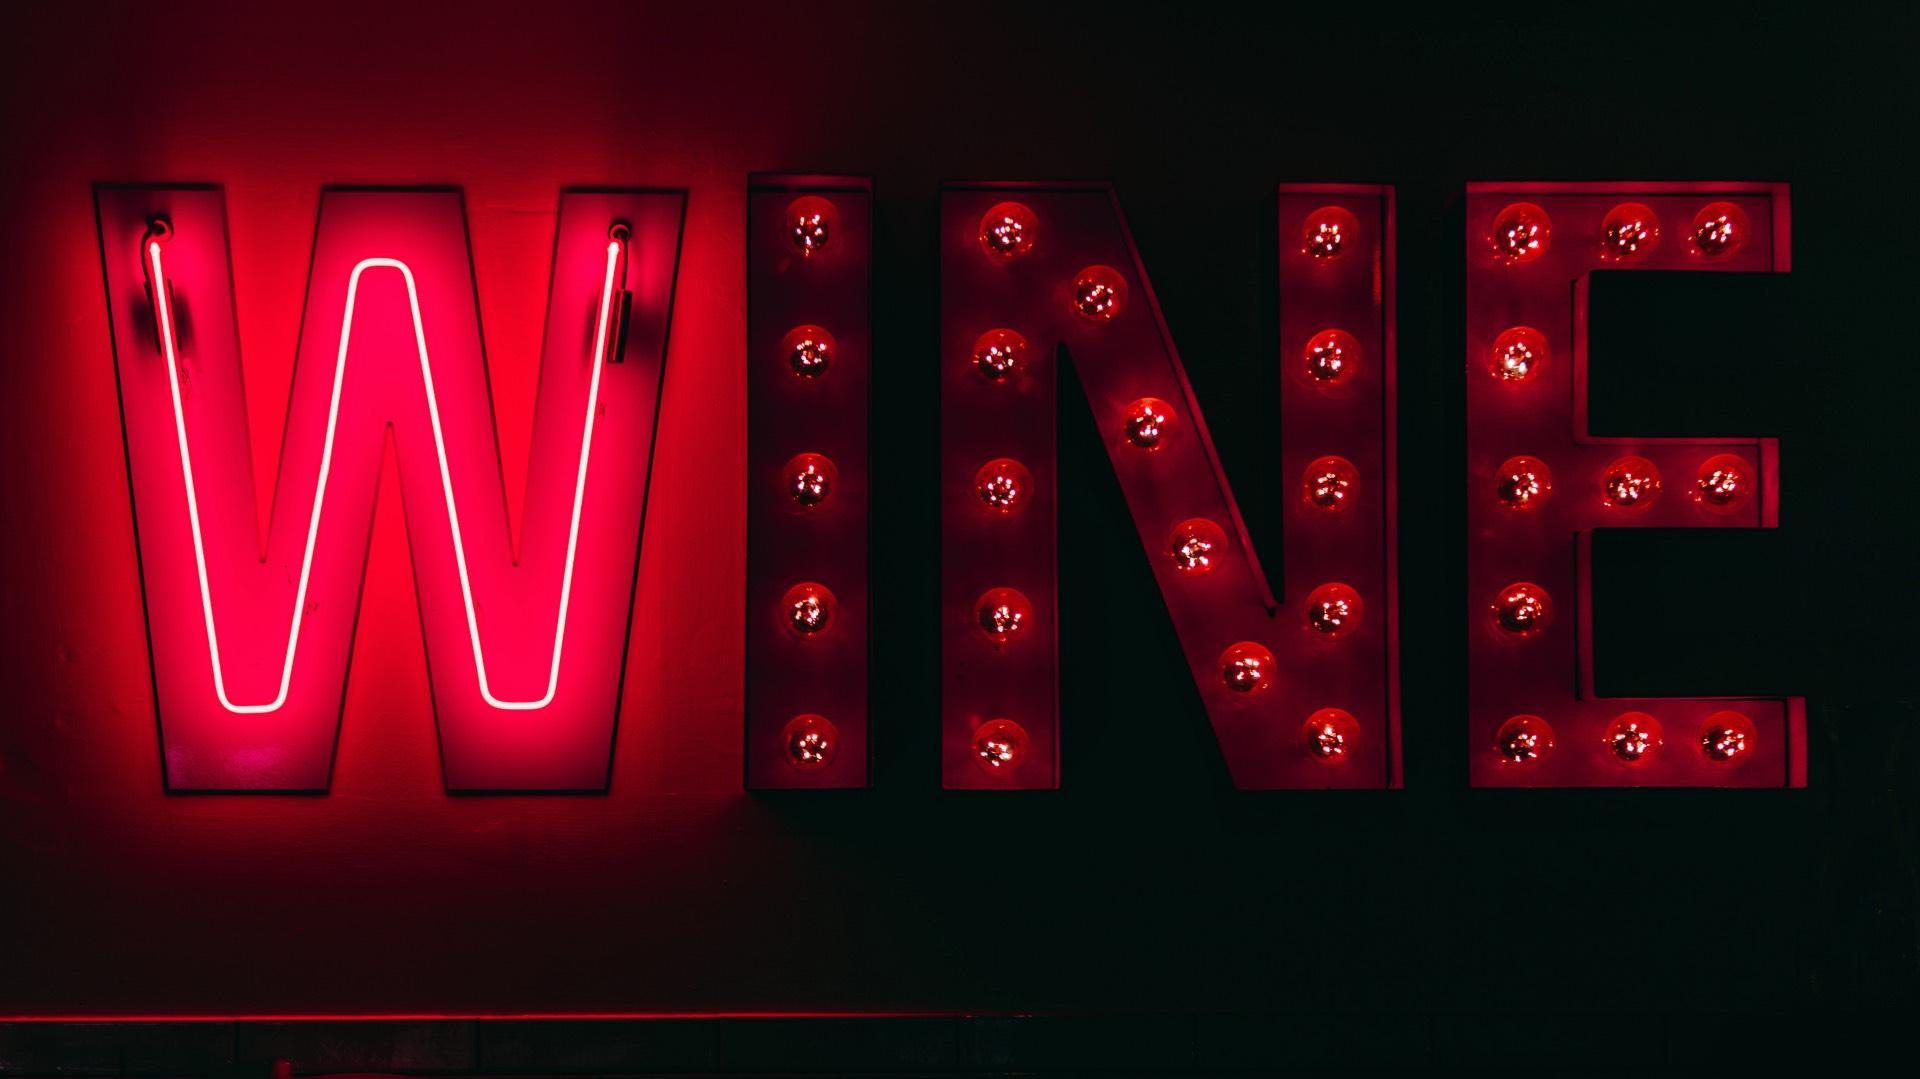 Donne del vino : Vino insegna al neon : foto di road trip with raj (pexel)